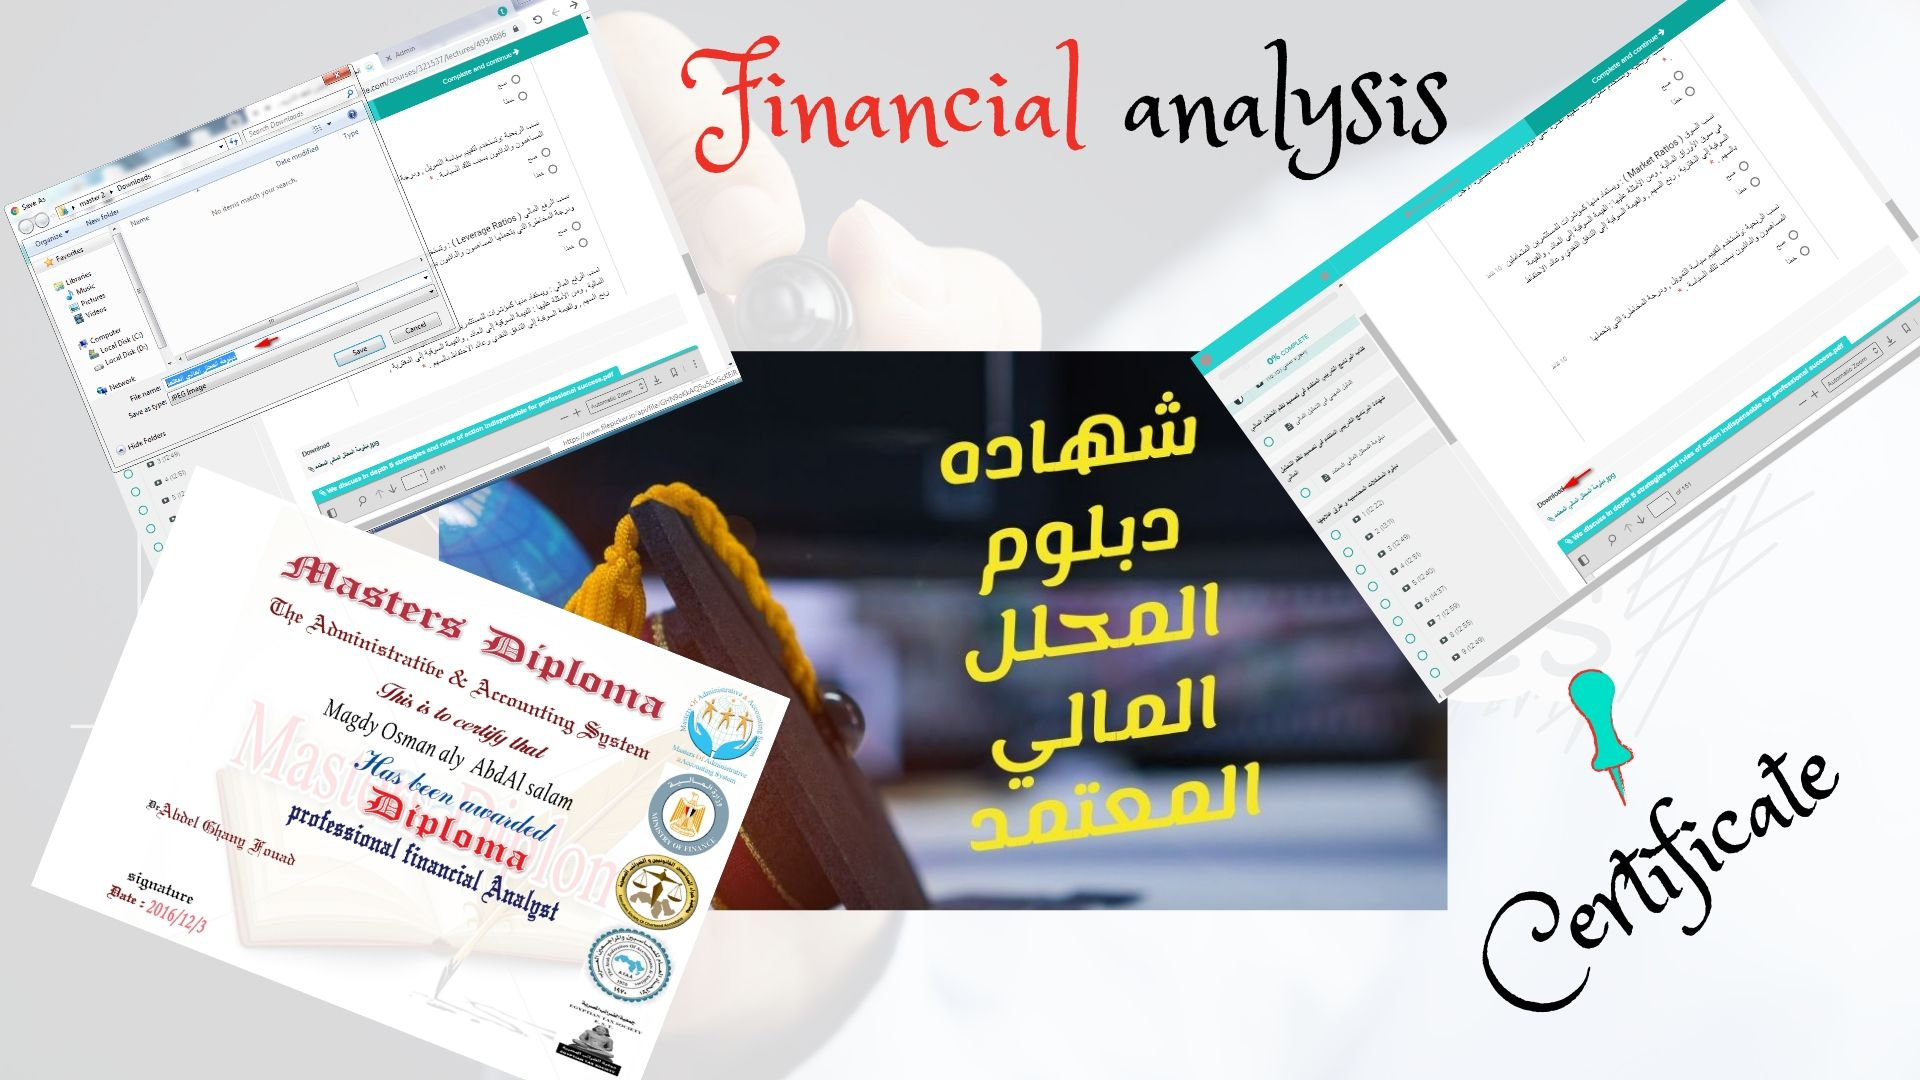 التحليل المالي المتقدم